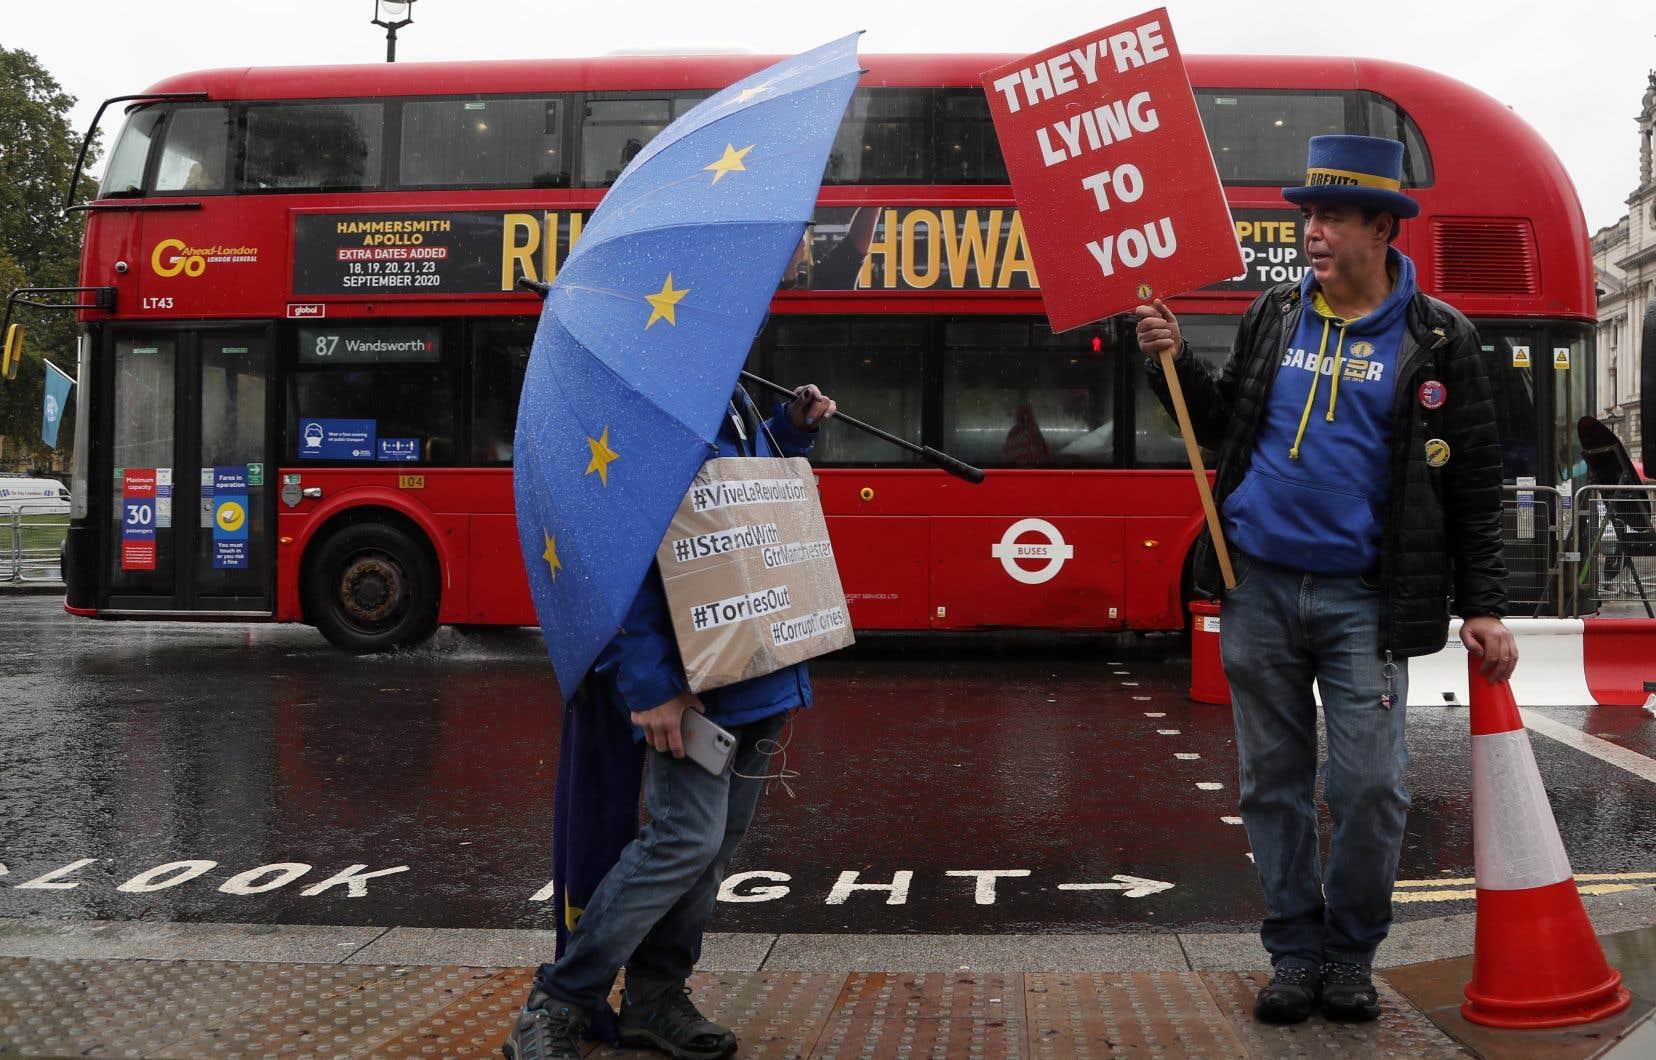 Depuis le choix britannique étroit (52% pour, 48% contre) de quitter l'UE, il y a quatre ans et cinq mois, les rôles, les rôles ont été clairement établis. L'Allemagne, réputée plus proche du Royaume-Uni, est perçue outre-Manche comme plus souple, et la France comme la plus intransigeante dans les négociations.